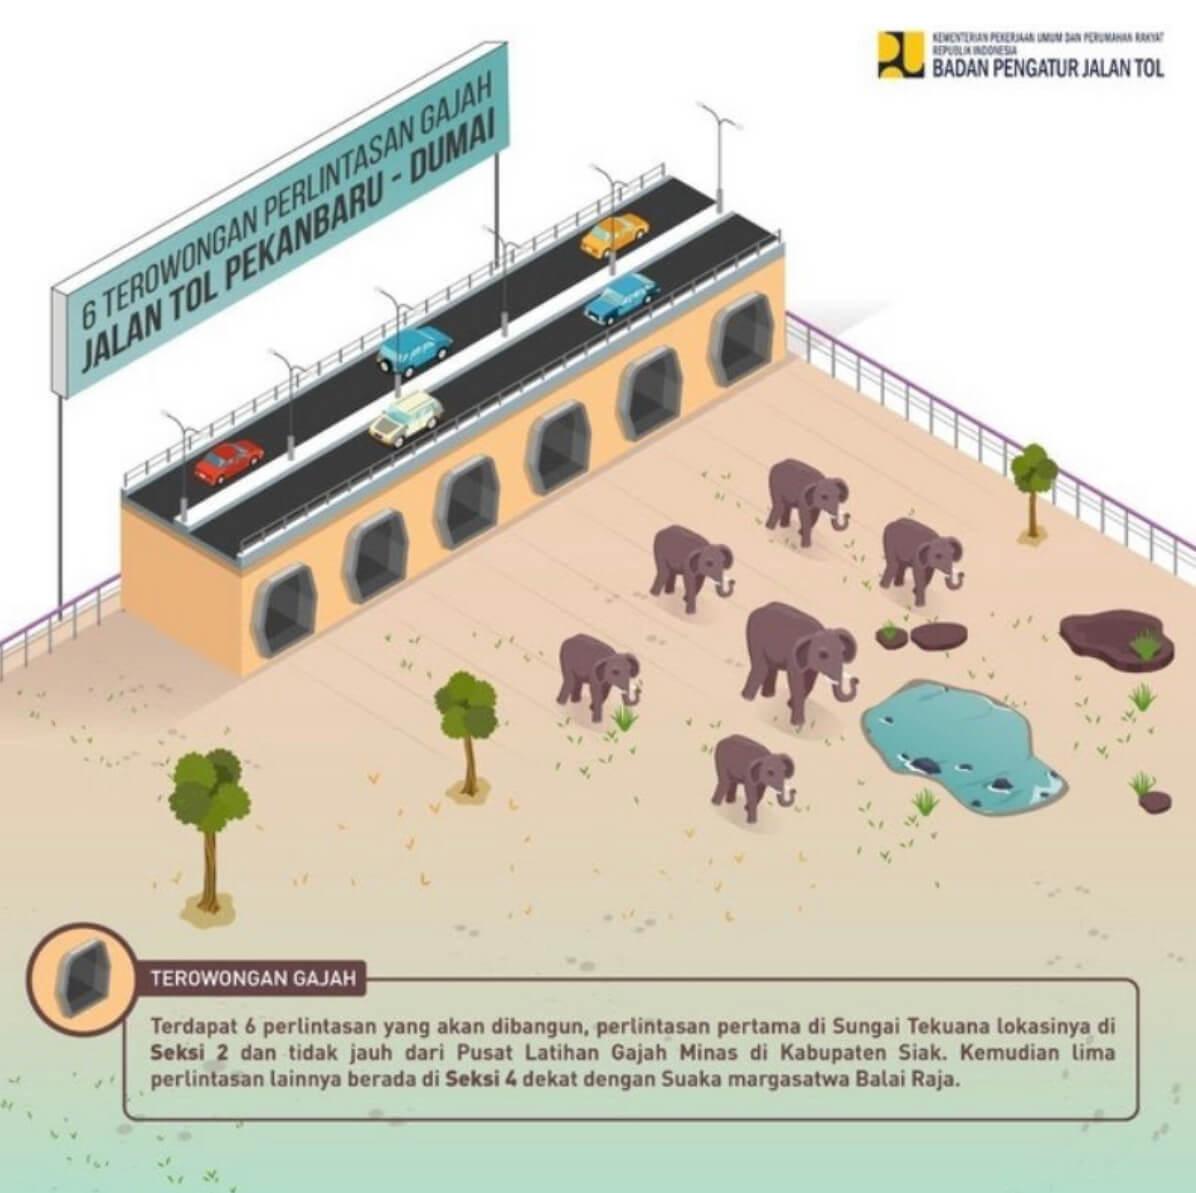 Jalan Tol Gajah